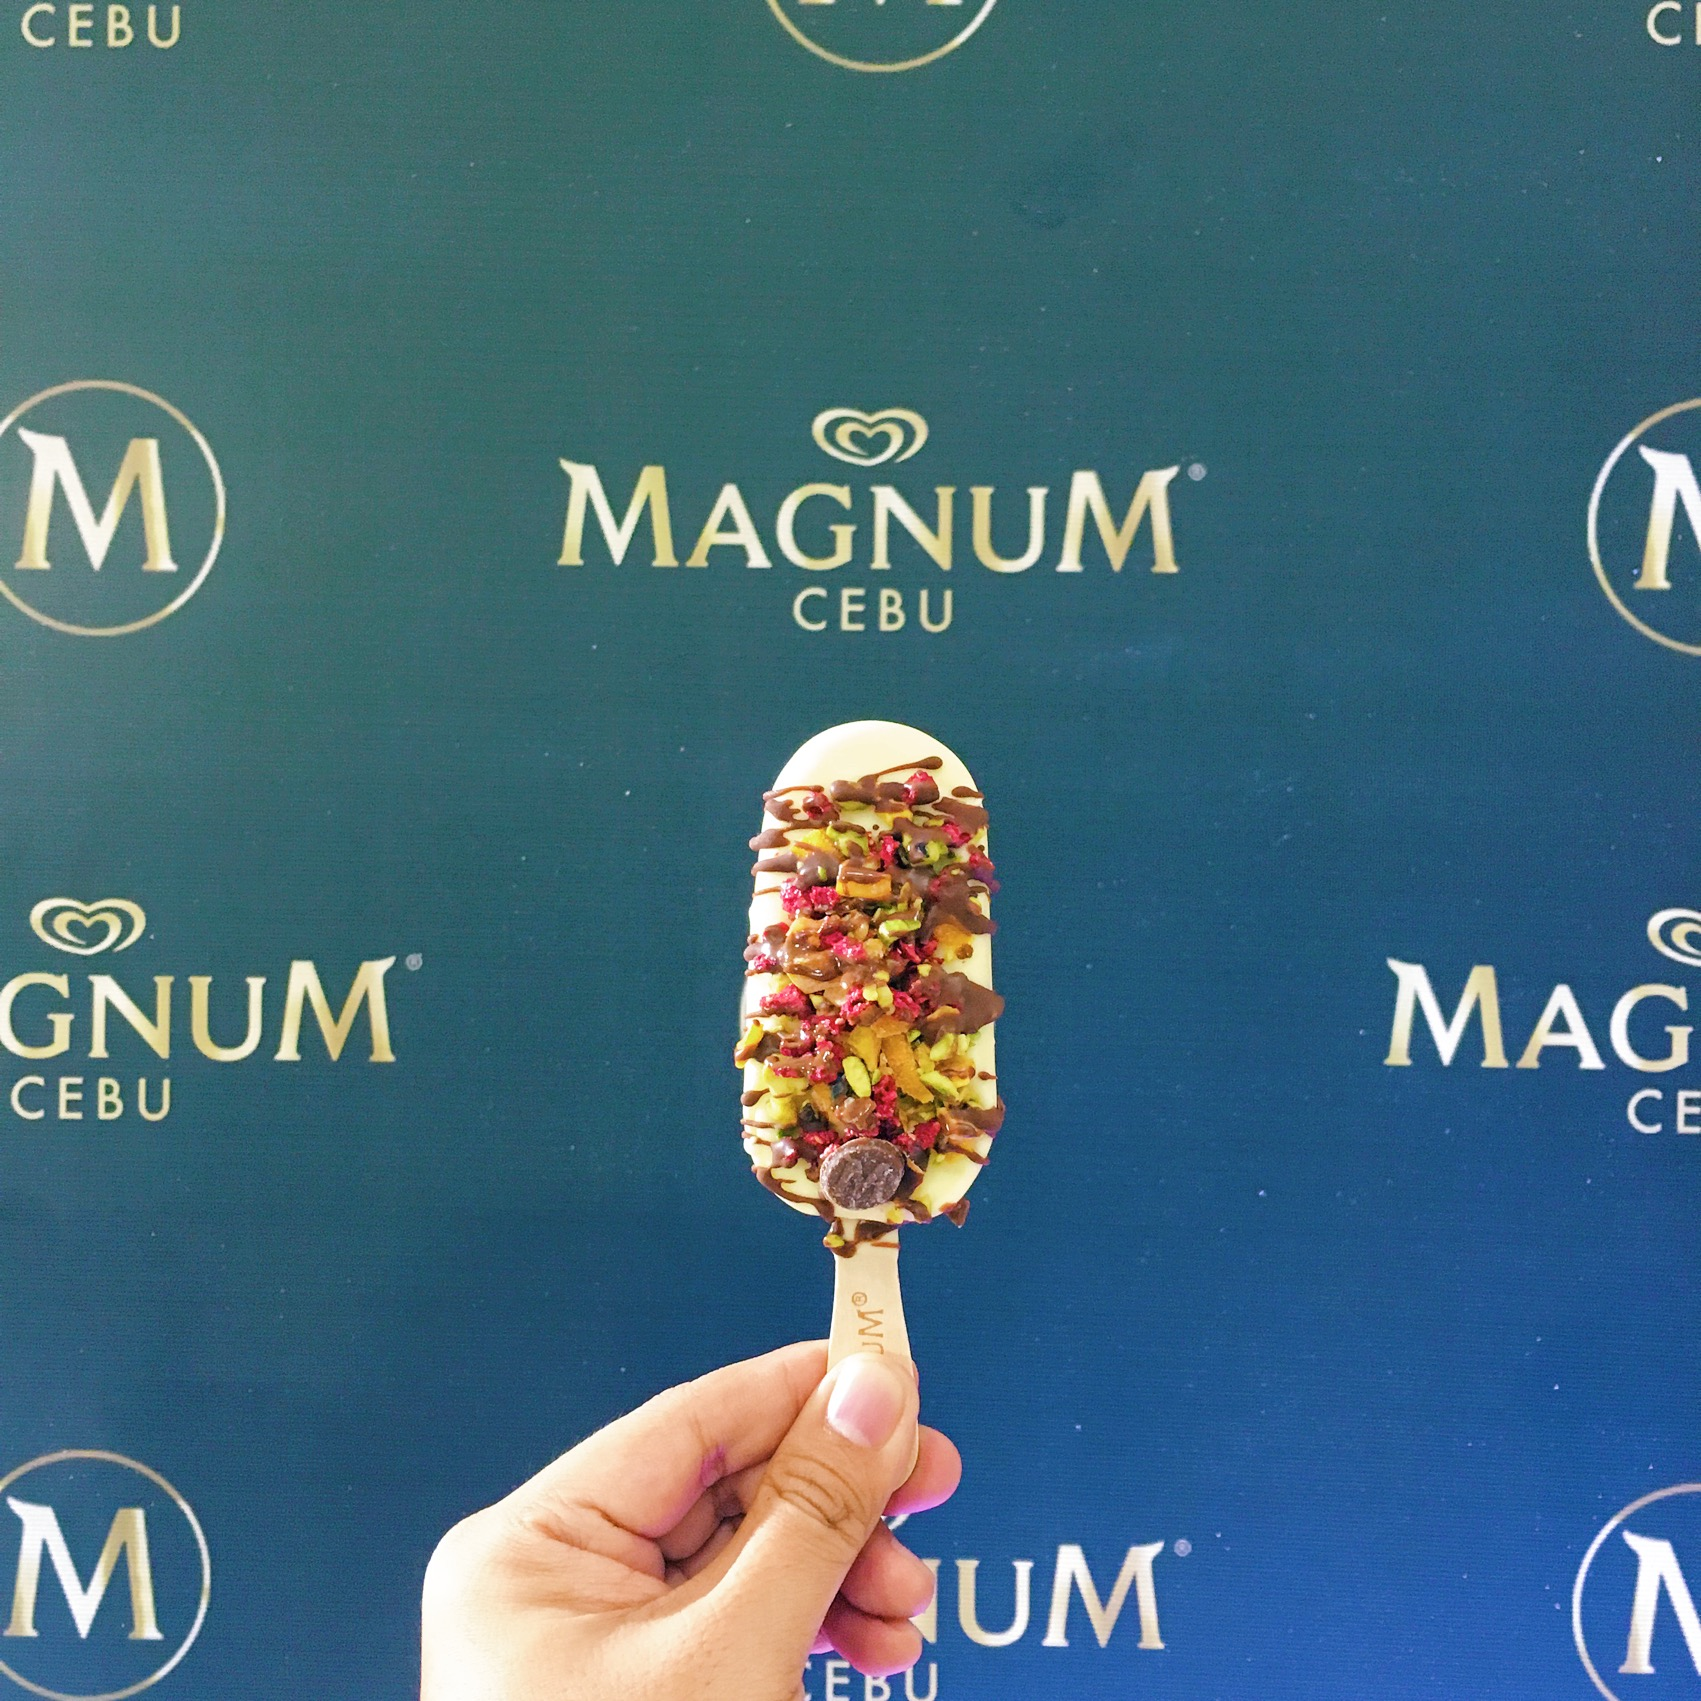 Magnum Cebu